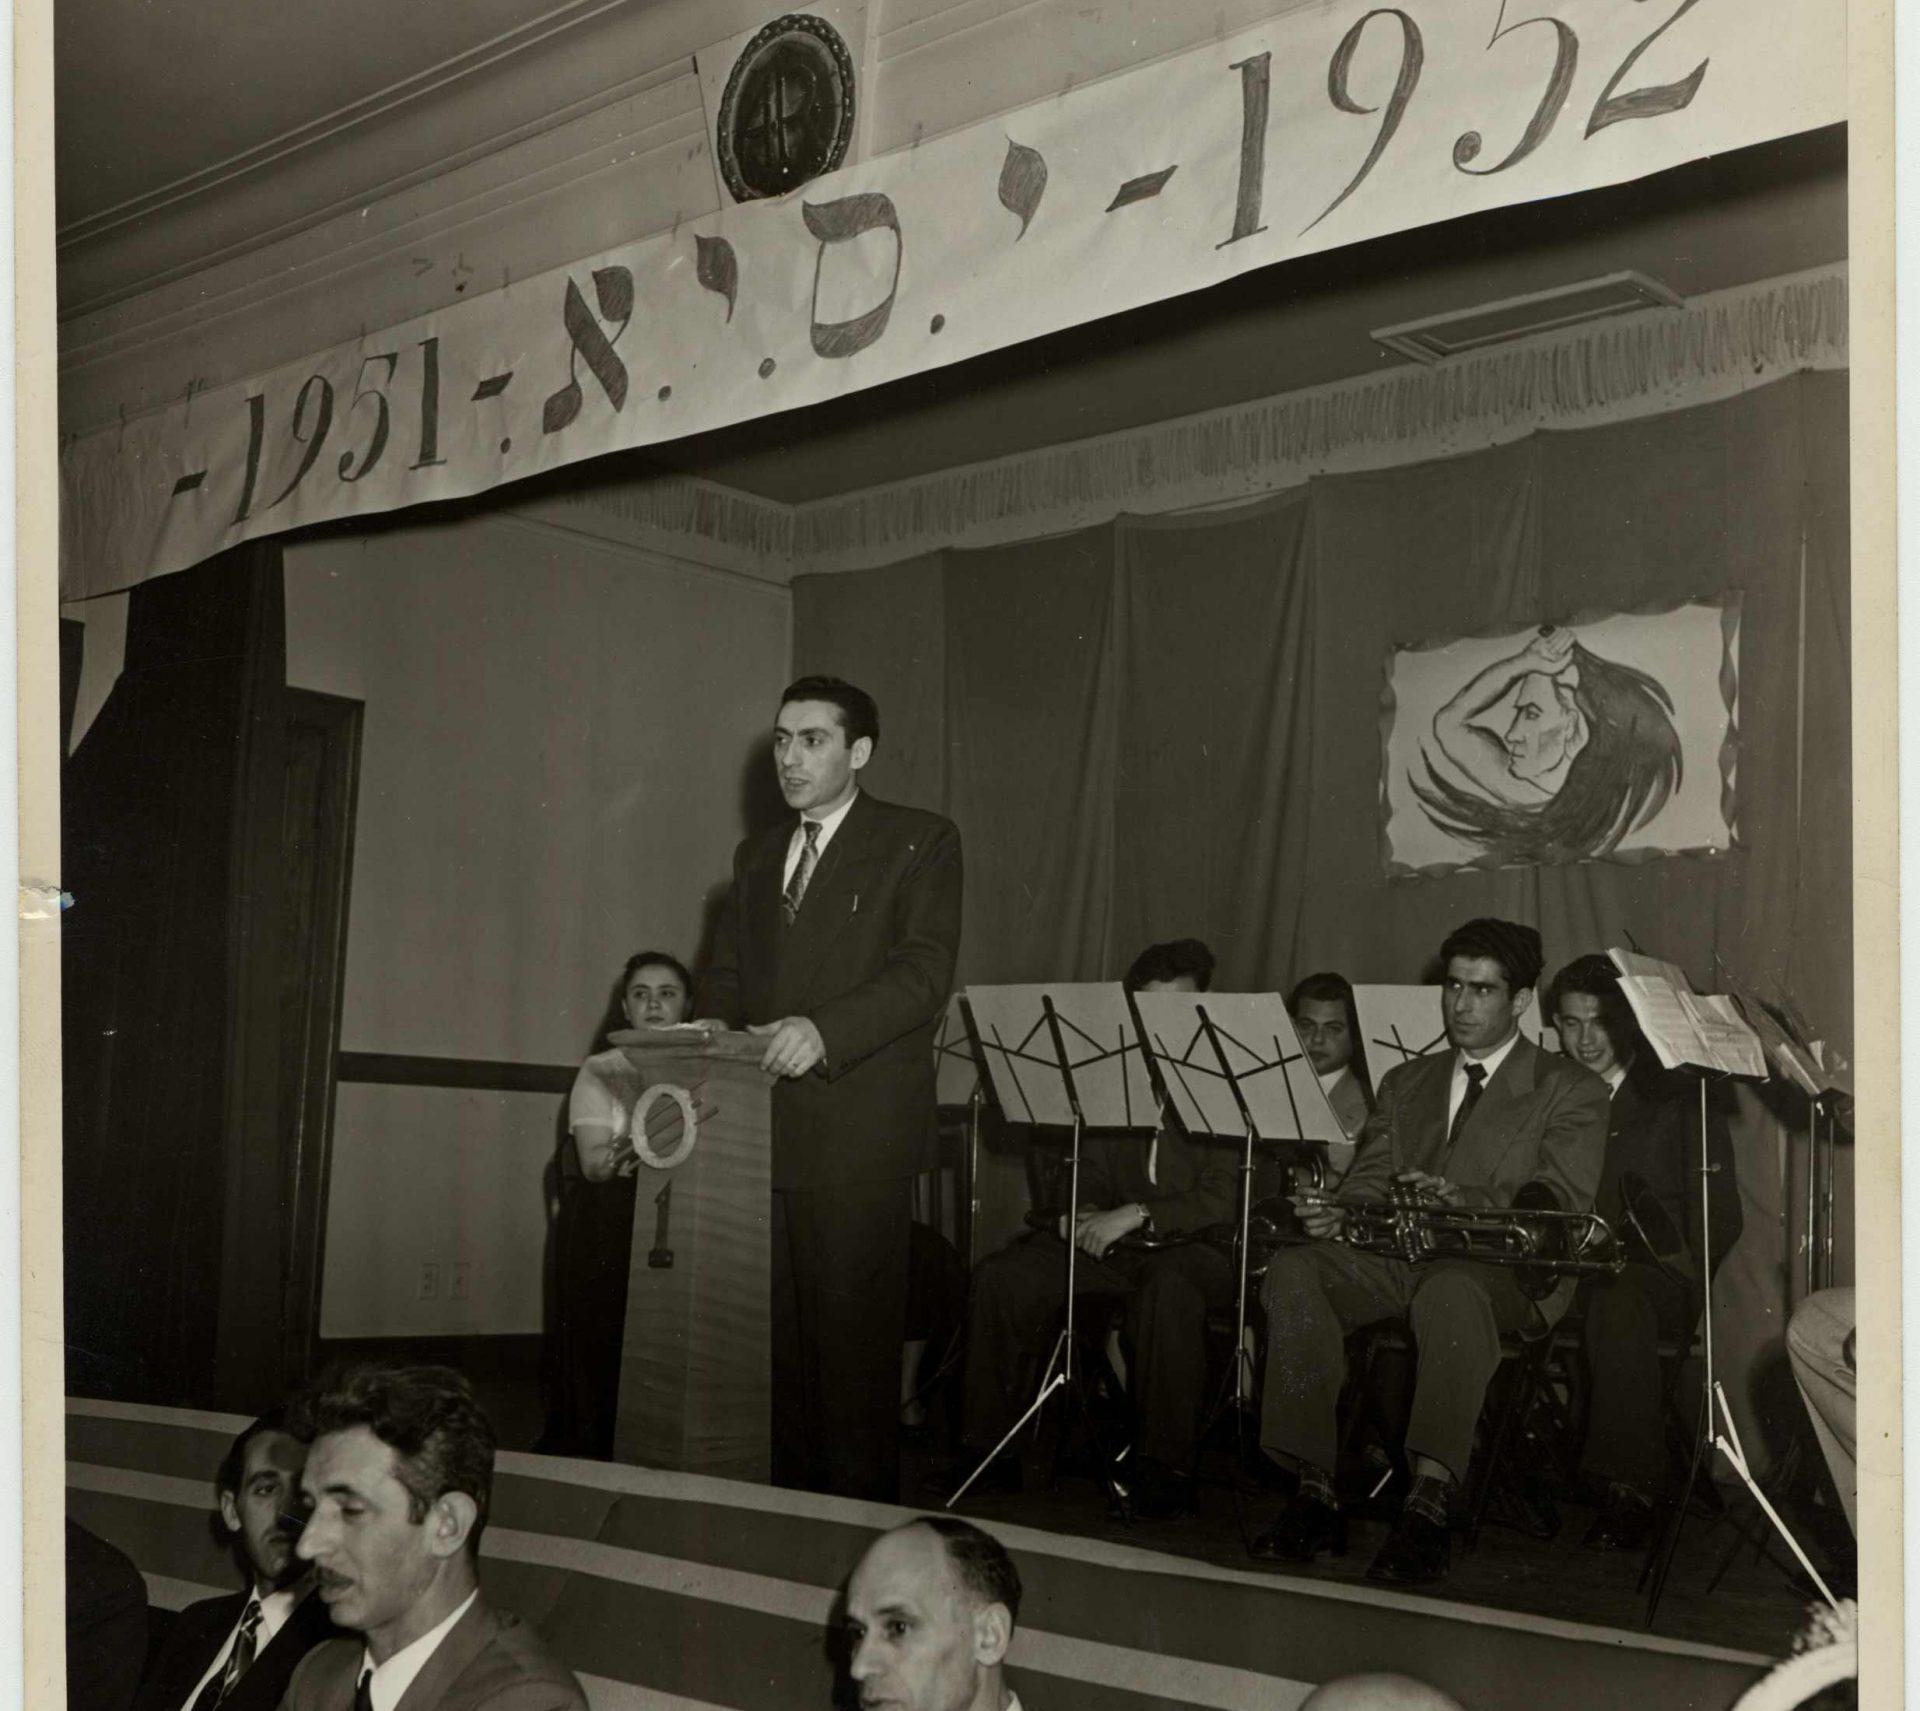 Photographie prise à Montréal en 1952 à l'occasion du premier anniversaire de la création de l'orchestre Zukunft. Avrum Feigenbaum prononce un discours sur la scène.